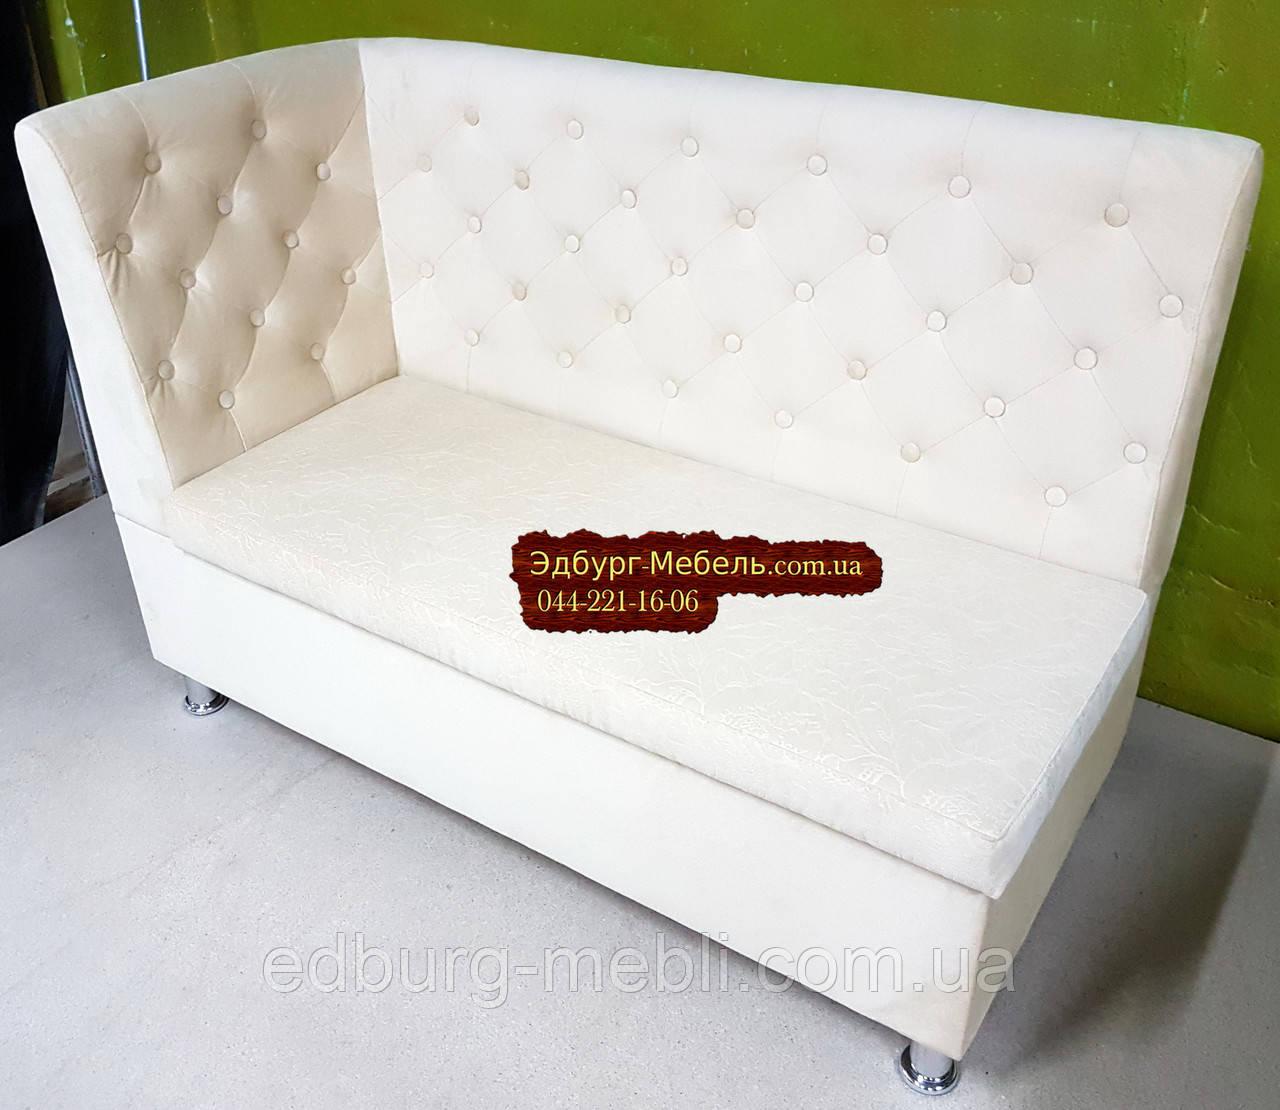 Велюровый диван с пуговицами Ренессанс: продажа, цена в Киеве